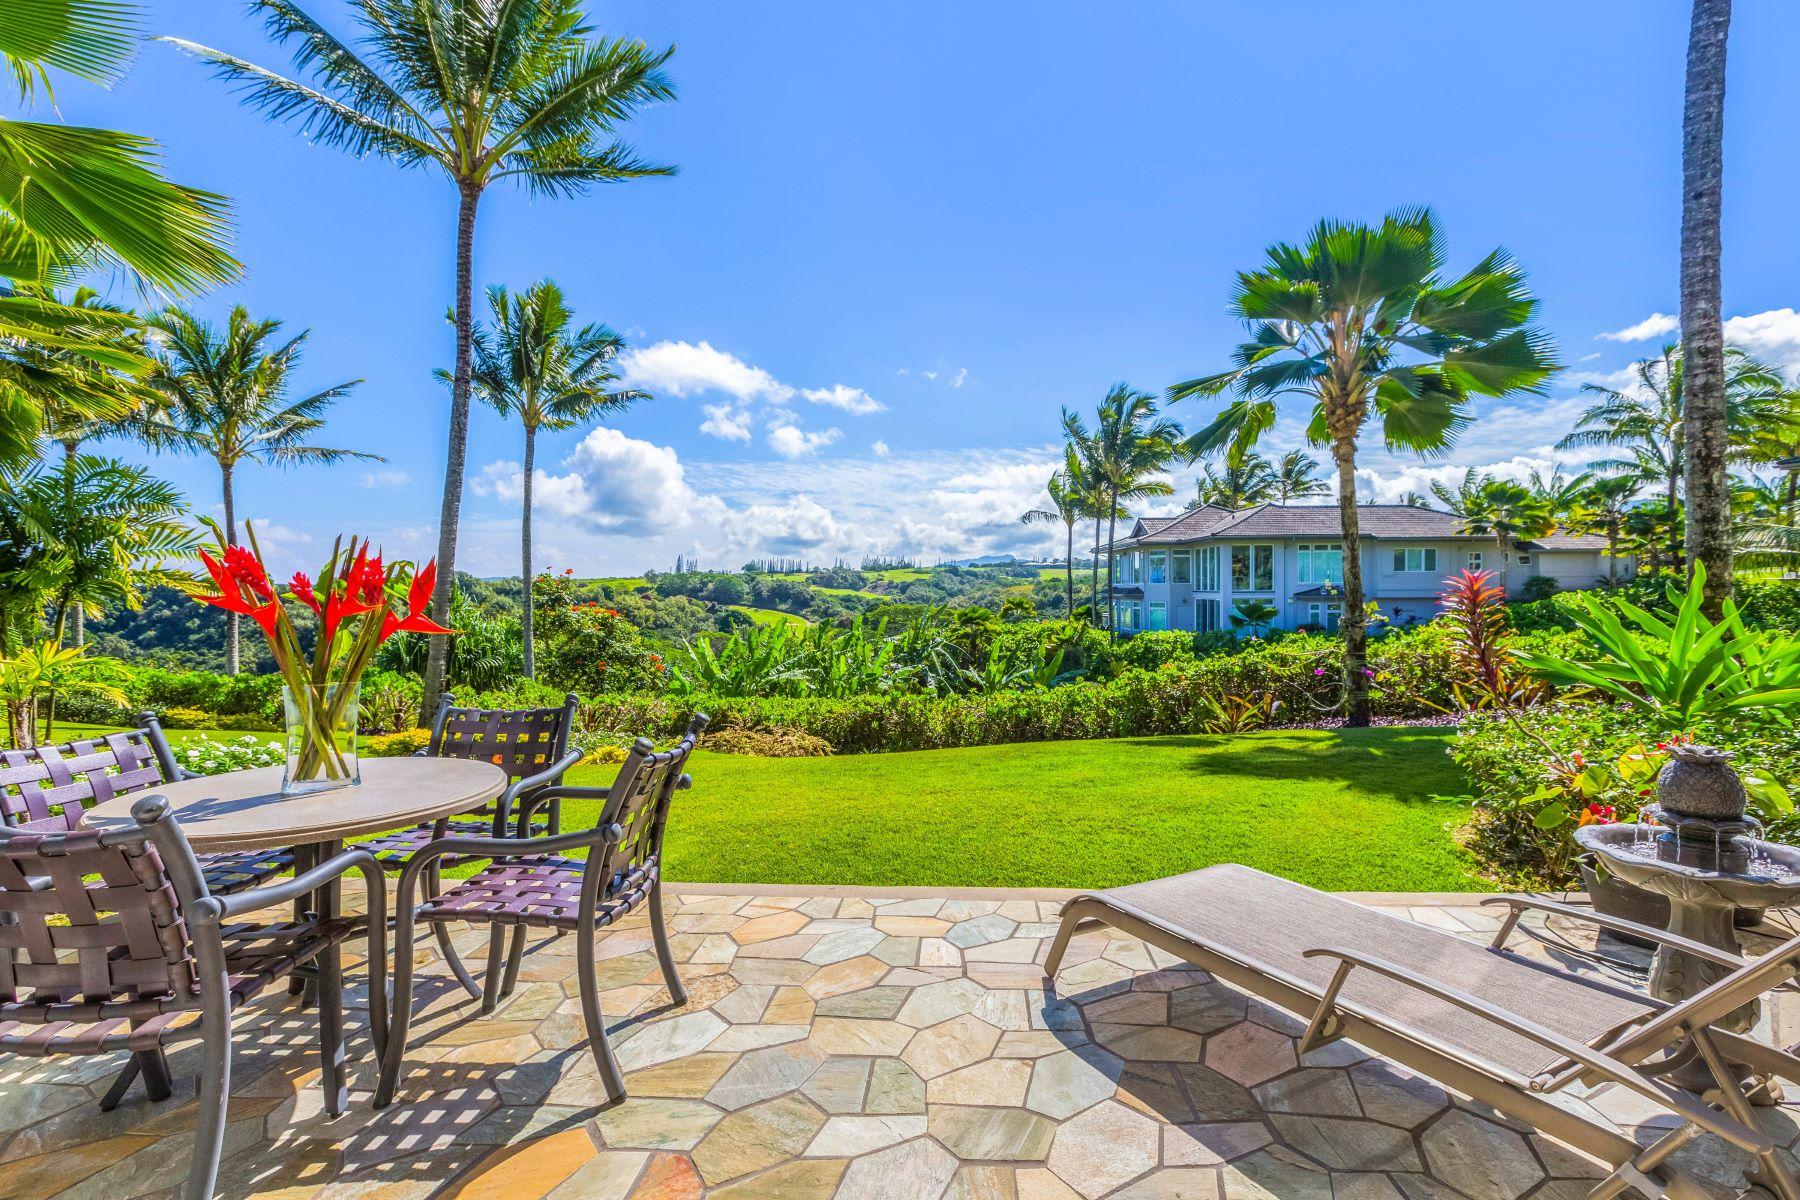 联栋屋 为 销售 在 Kaiulani of Princeville 4100 Queen Emmas Dr. #26 普林斯维尔, 夏威夷 96722 美国